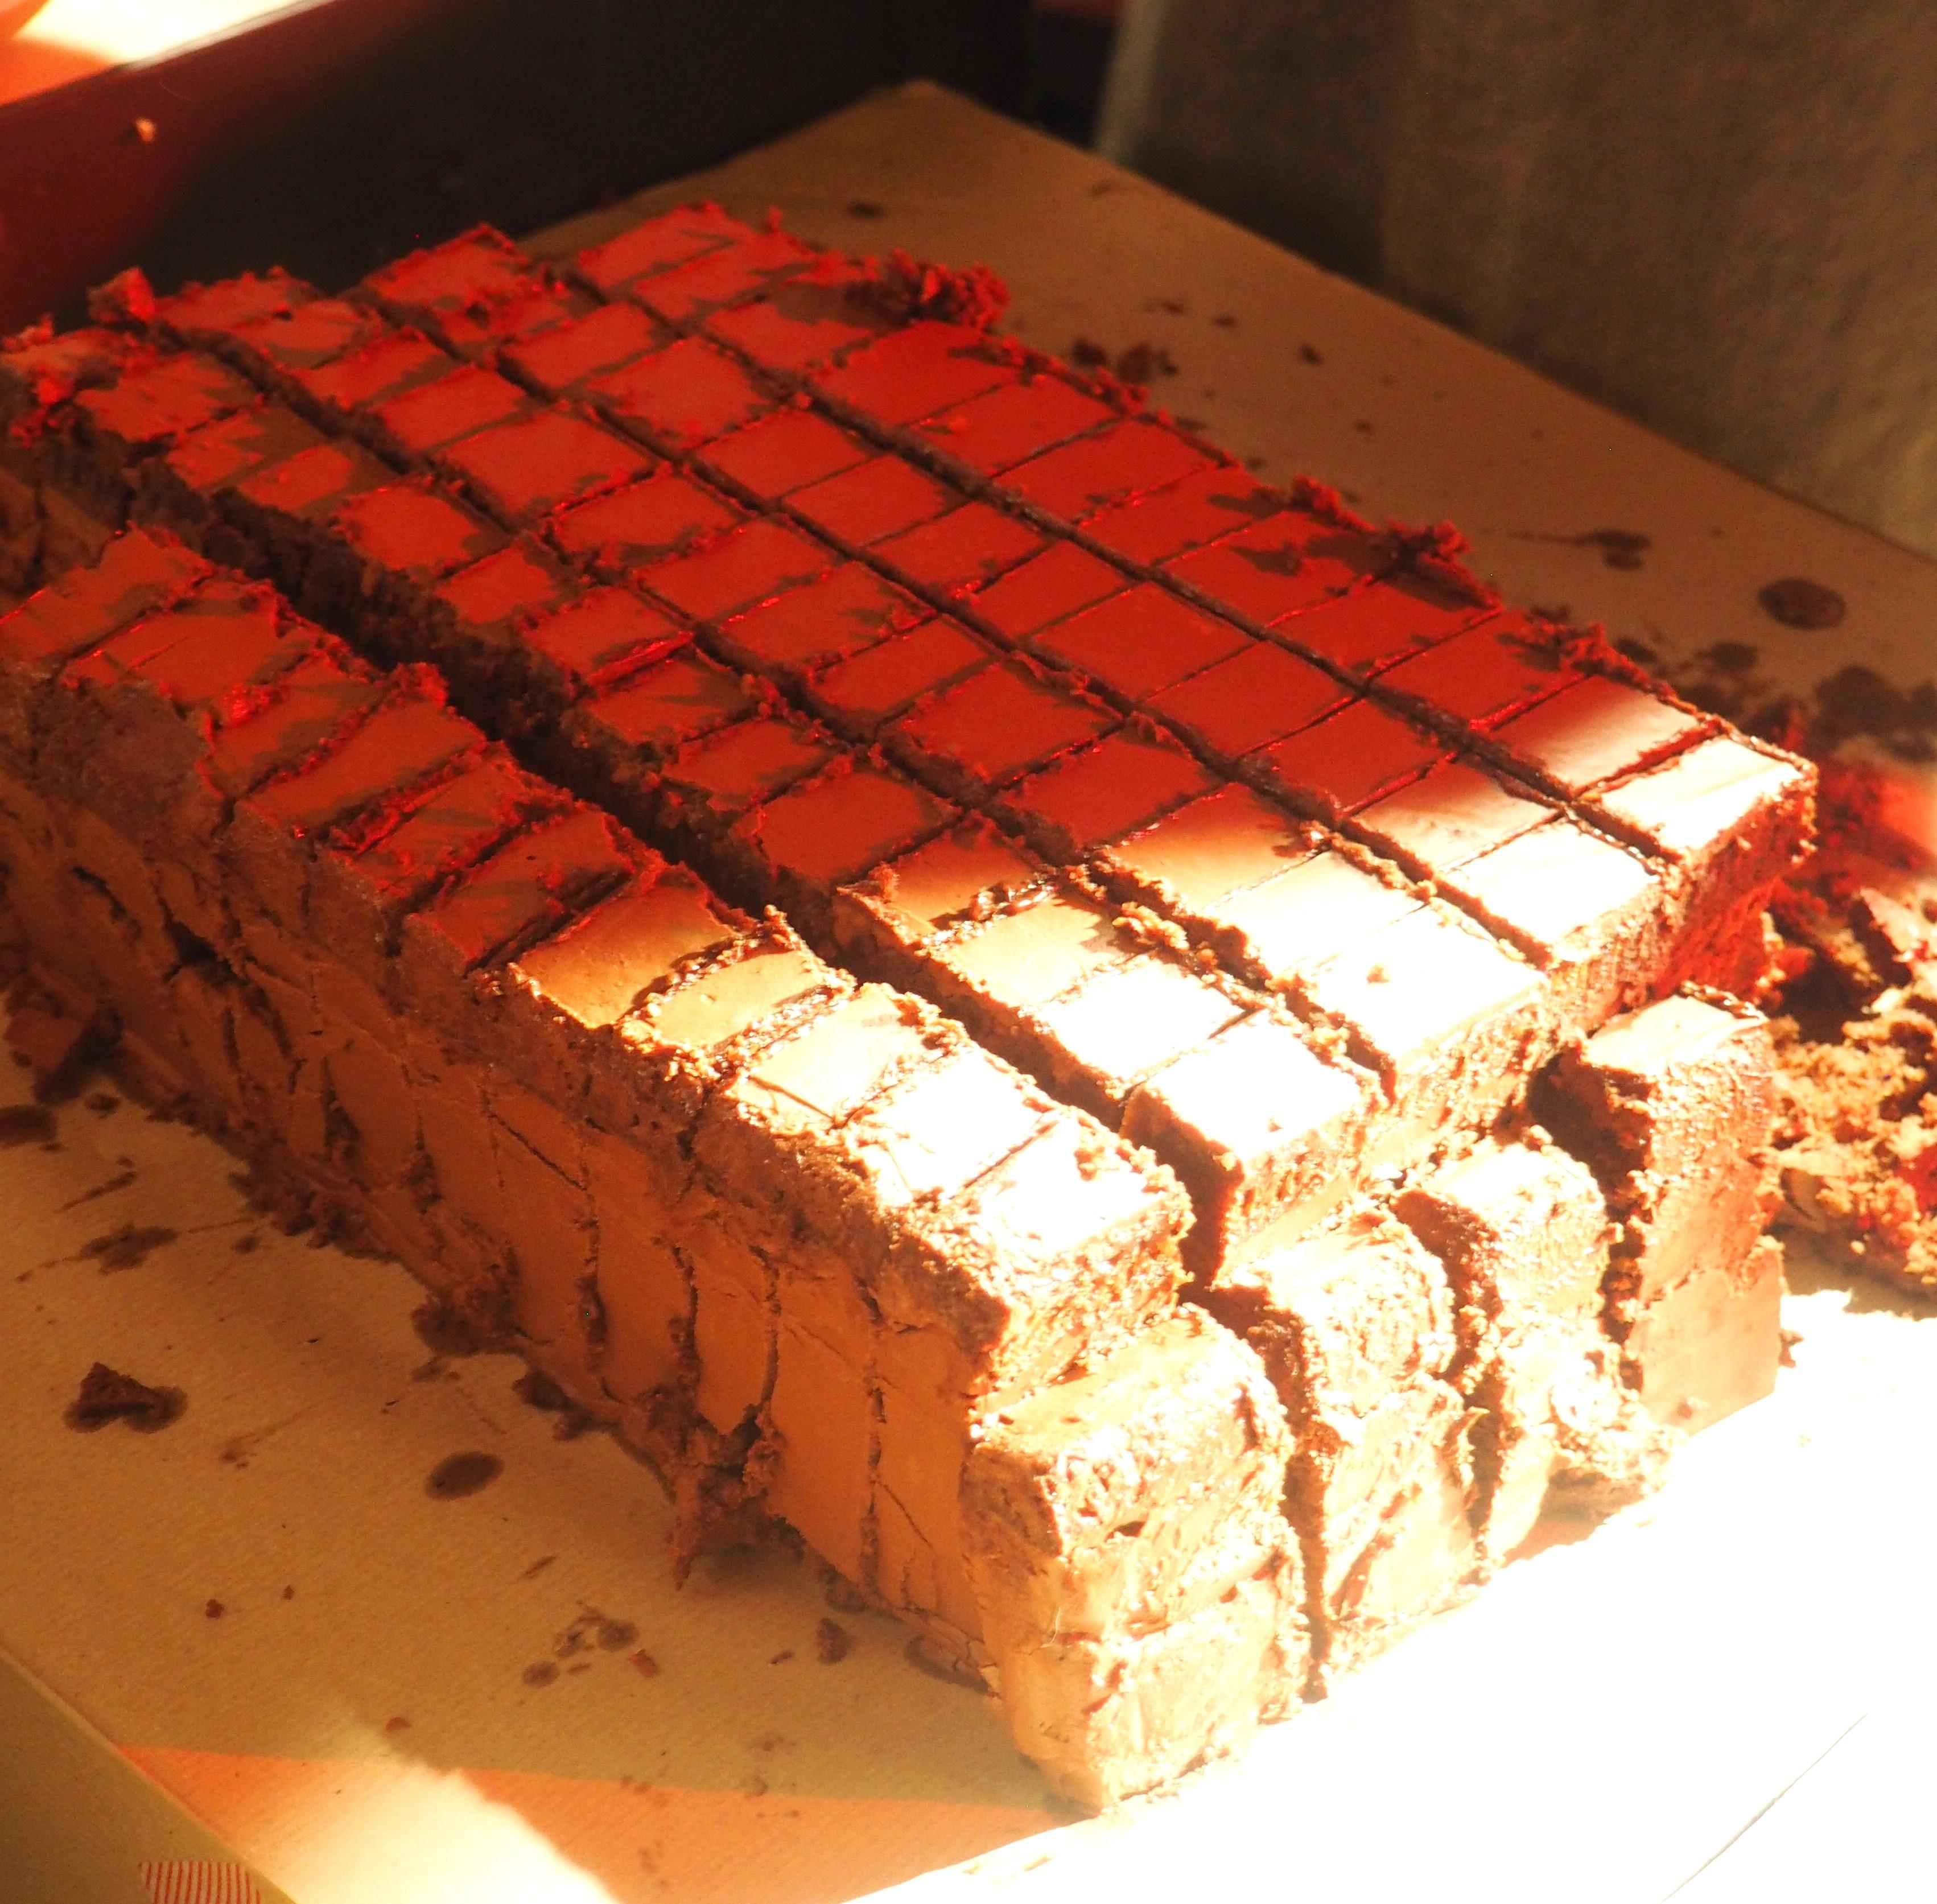 Enorme gâteau au chocolat de Julien Apolon - Mathilda - Roald Dahl - l'Ane à nageoires